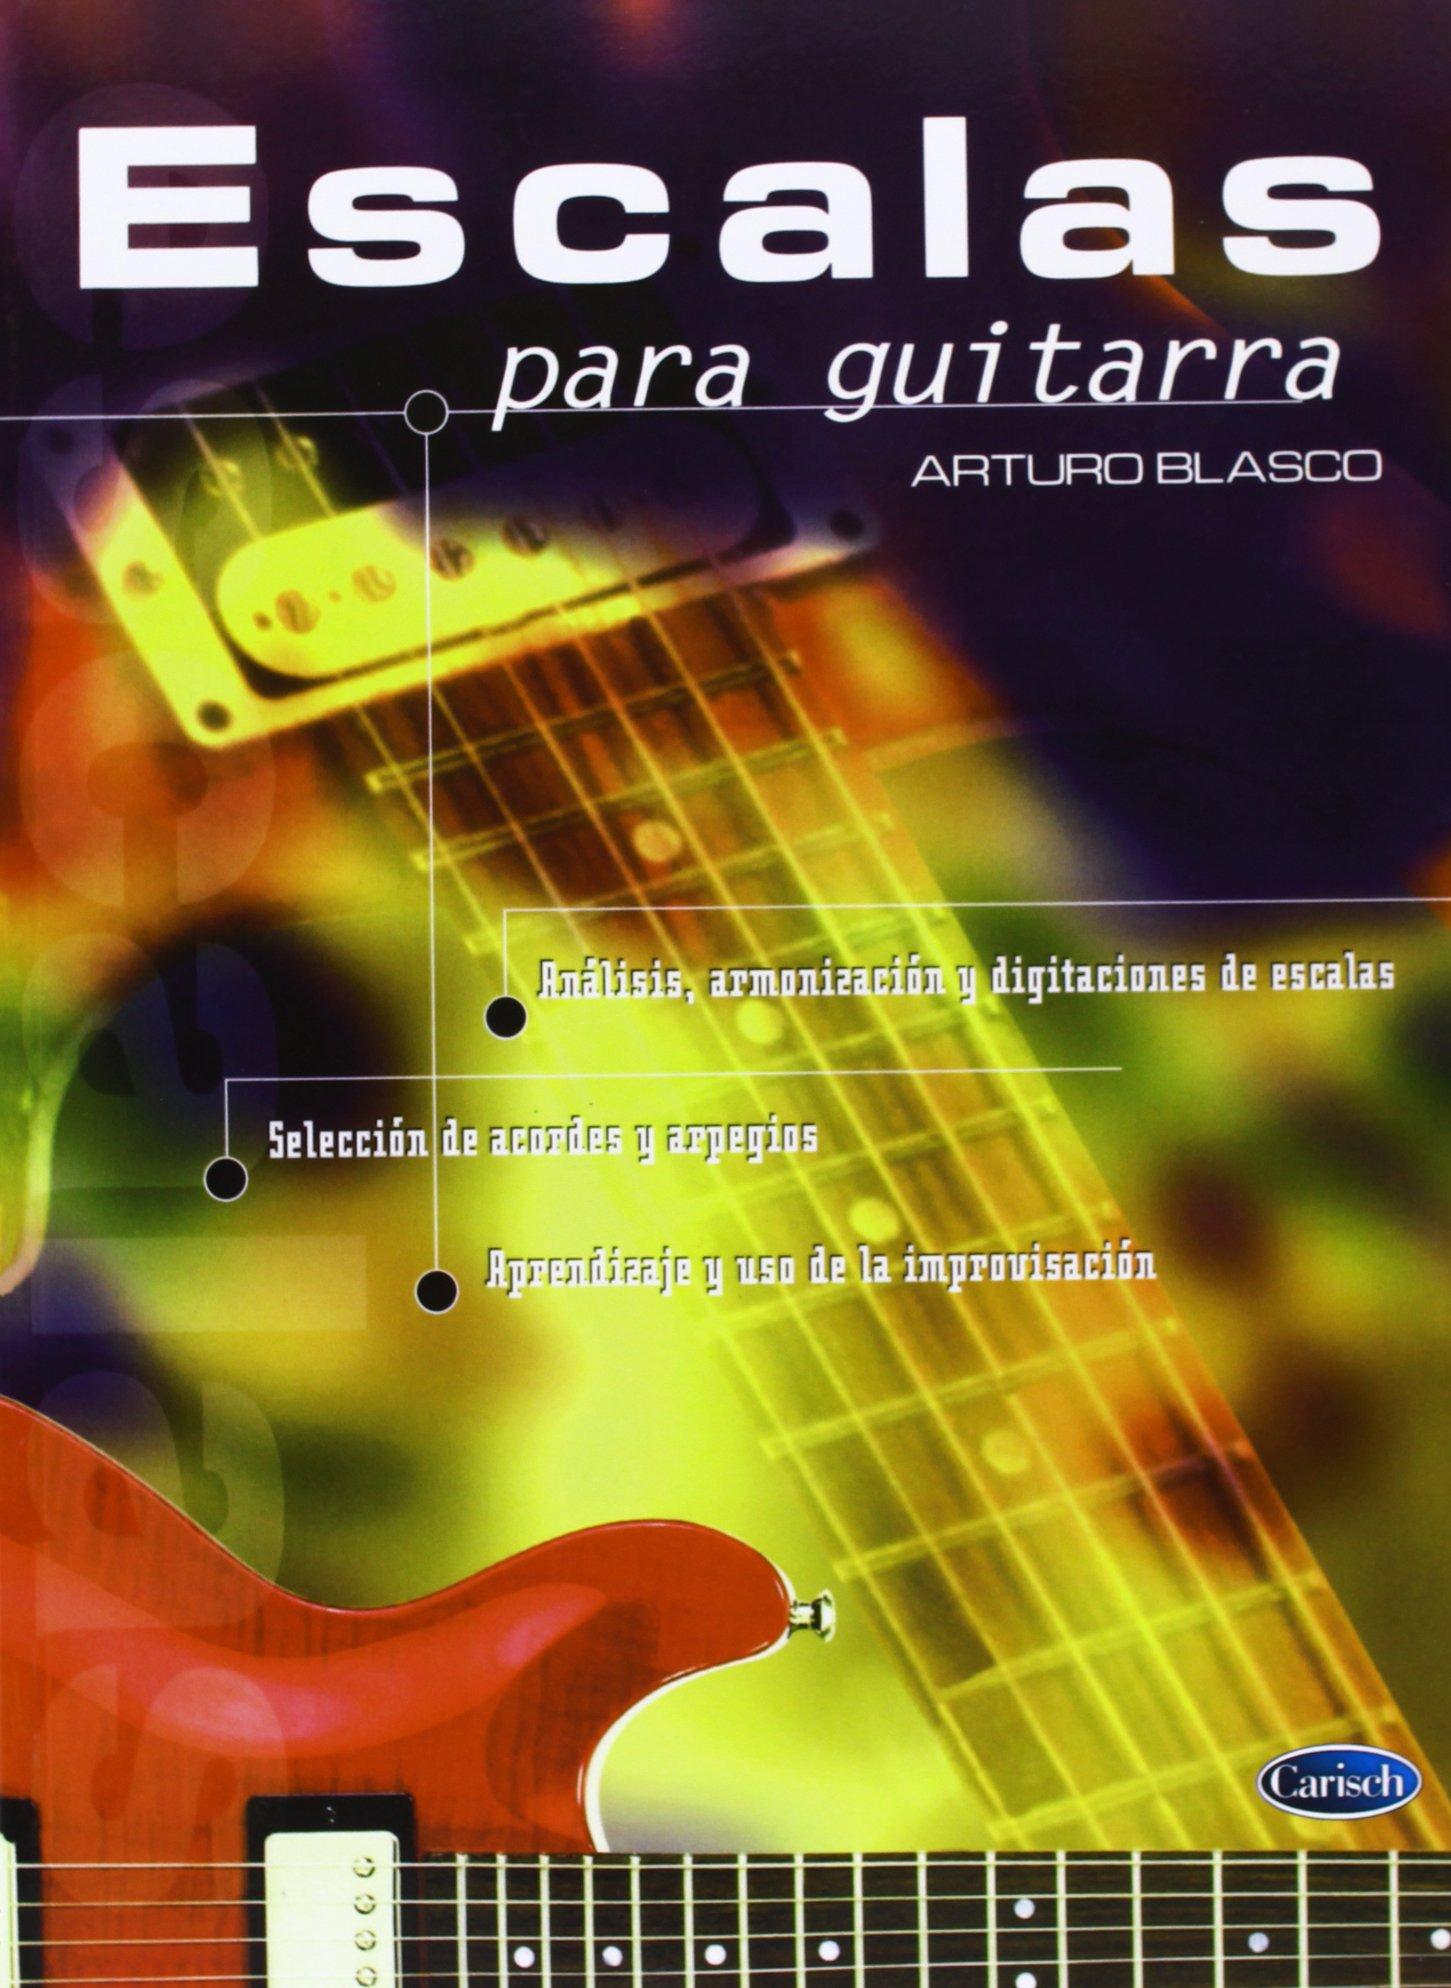 Escalas para Guitarra: Amazon.es: Blasco, Arturo, Guitar: Libros